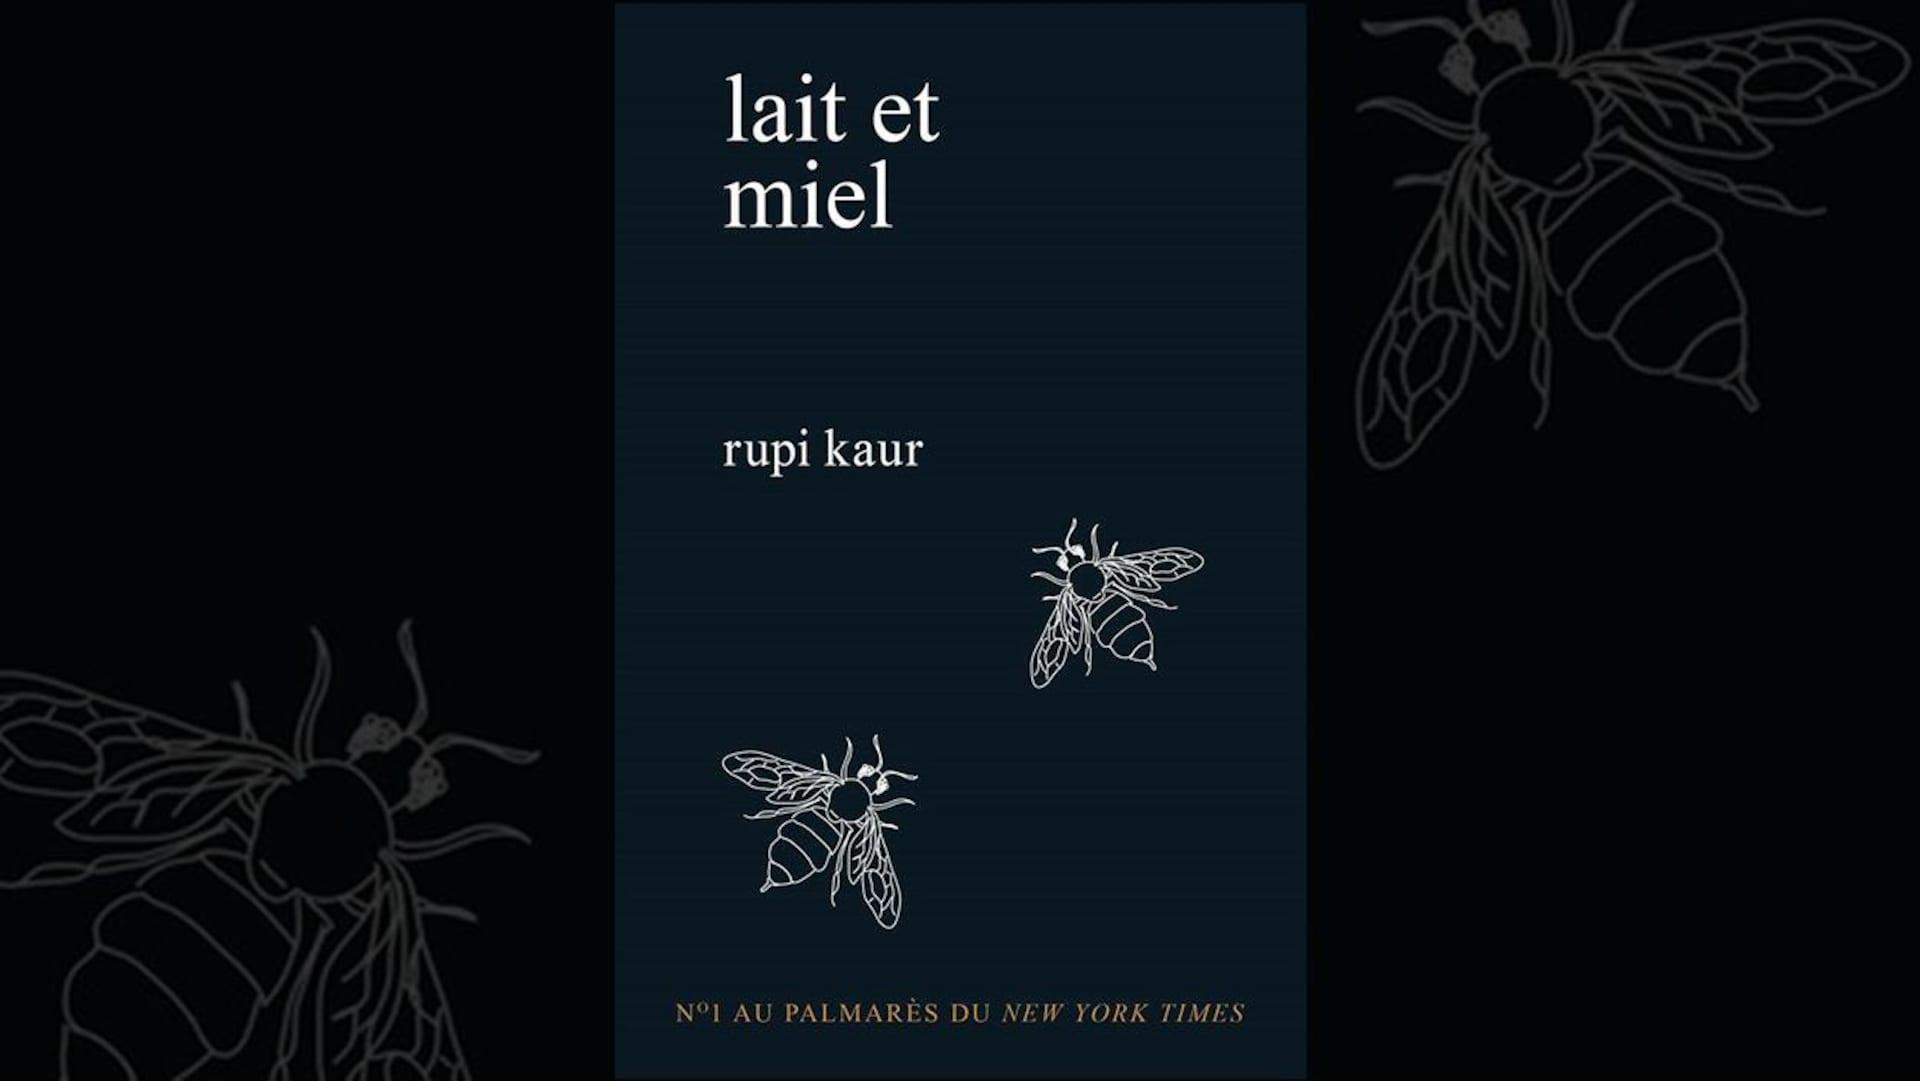 Montage de la couverture du livre «lait et miel» de Rupi Kaur. La couverture est sombre et il y a deux silhouettes de mouches blanches dessinées dessus.